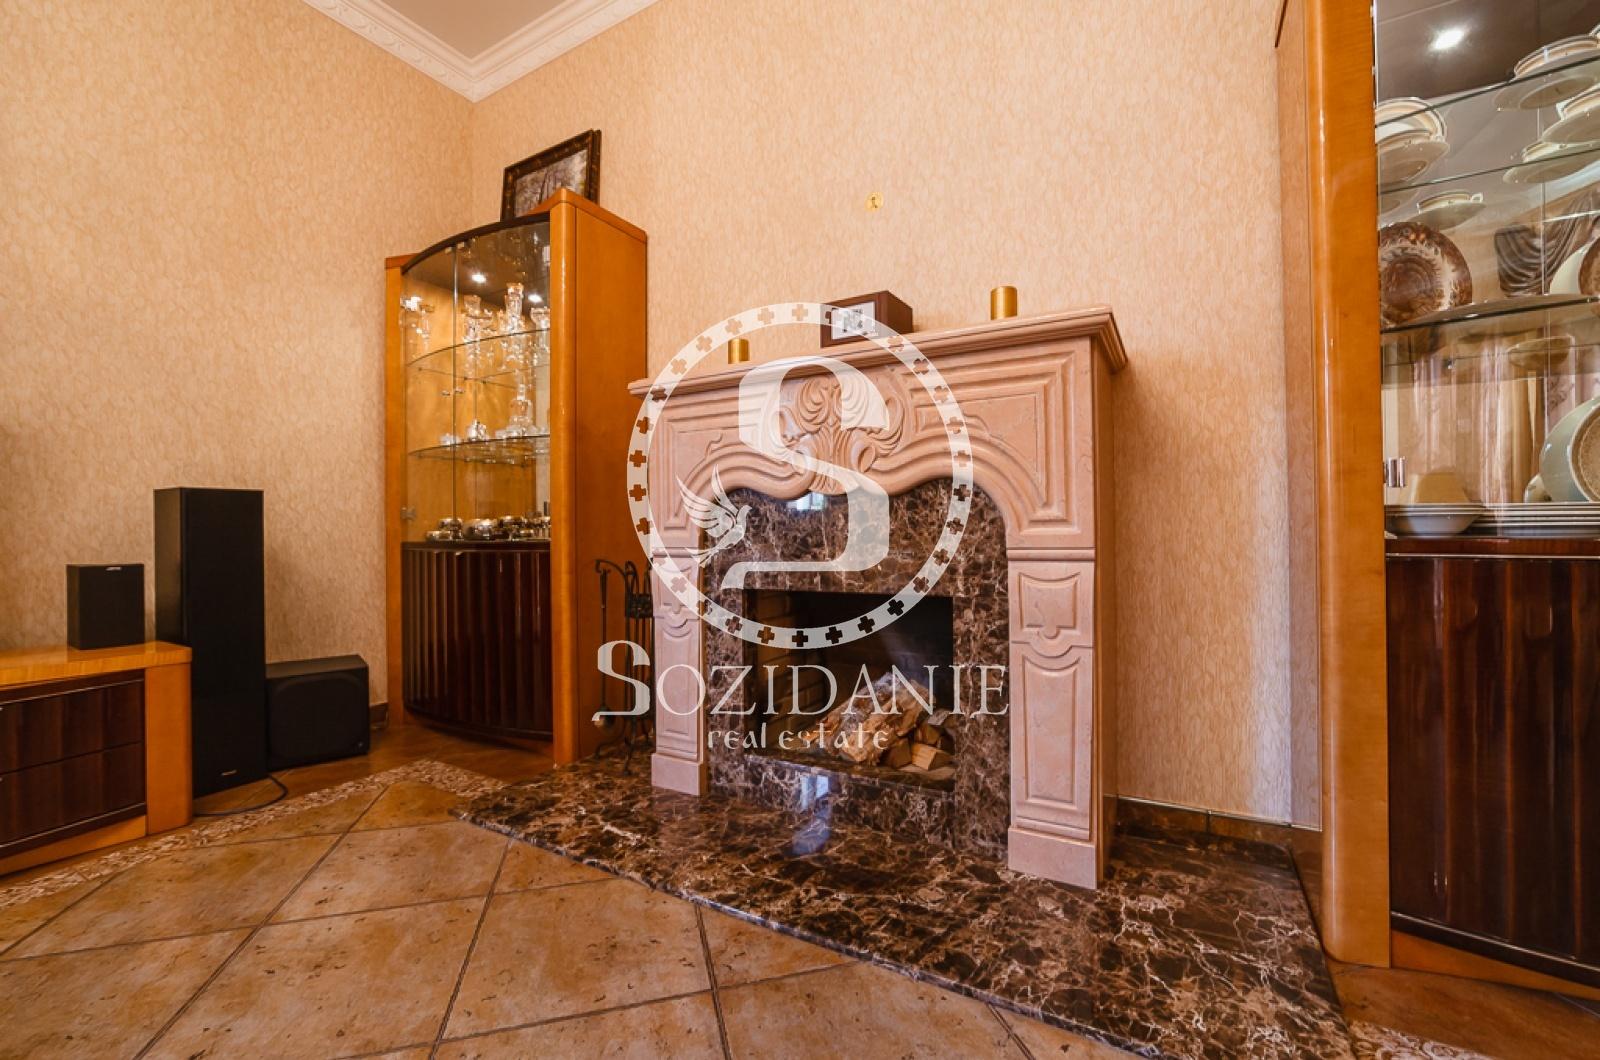 6 Bedrooms, Загородная, Продажа, Listing ID 1440, Московская область, Россия,